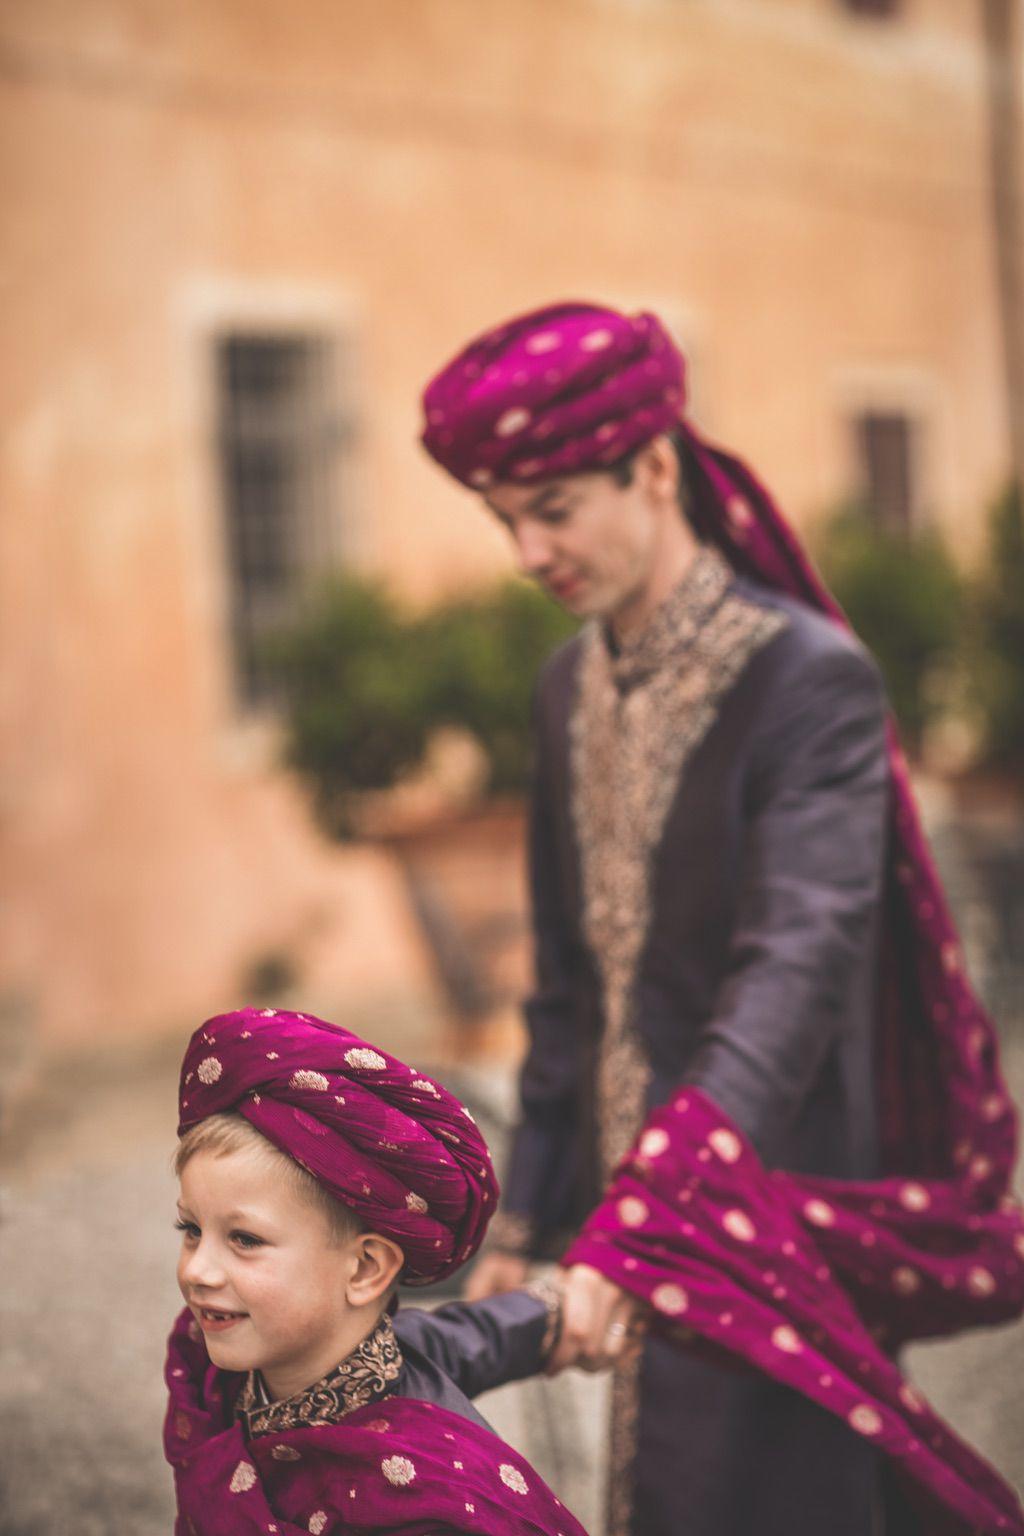 Sana-Safinaz-traditional-pakistani-dress-groom-villa-catignano-tuscany-071